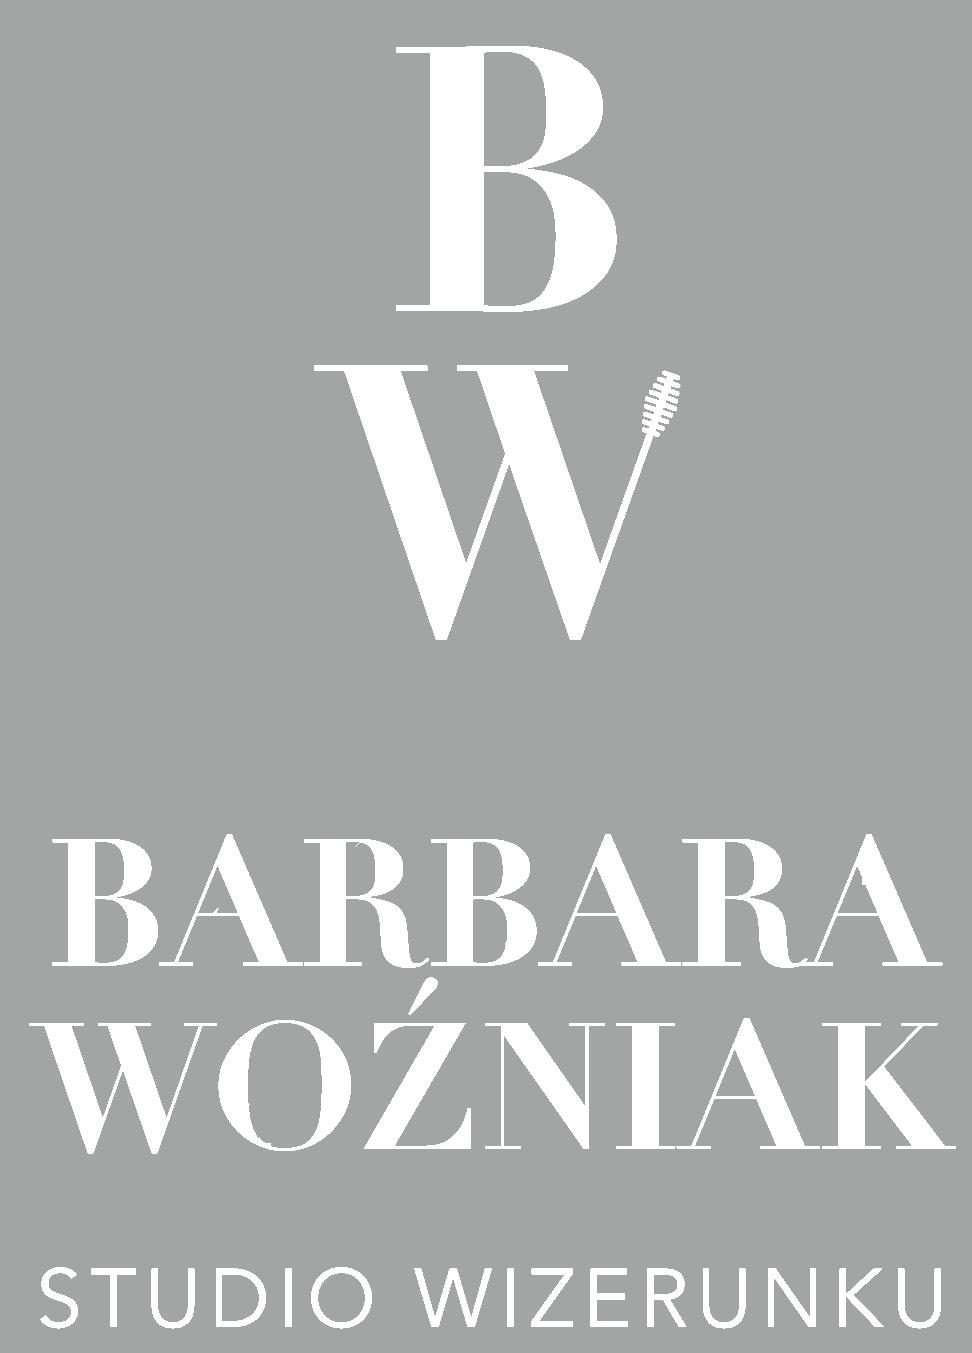 Barbara Wozniak Studio Wizerunku